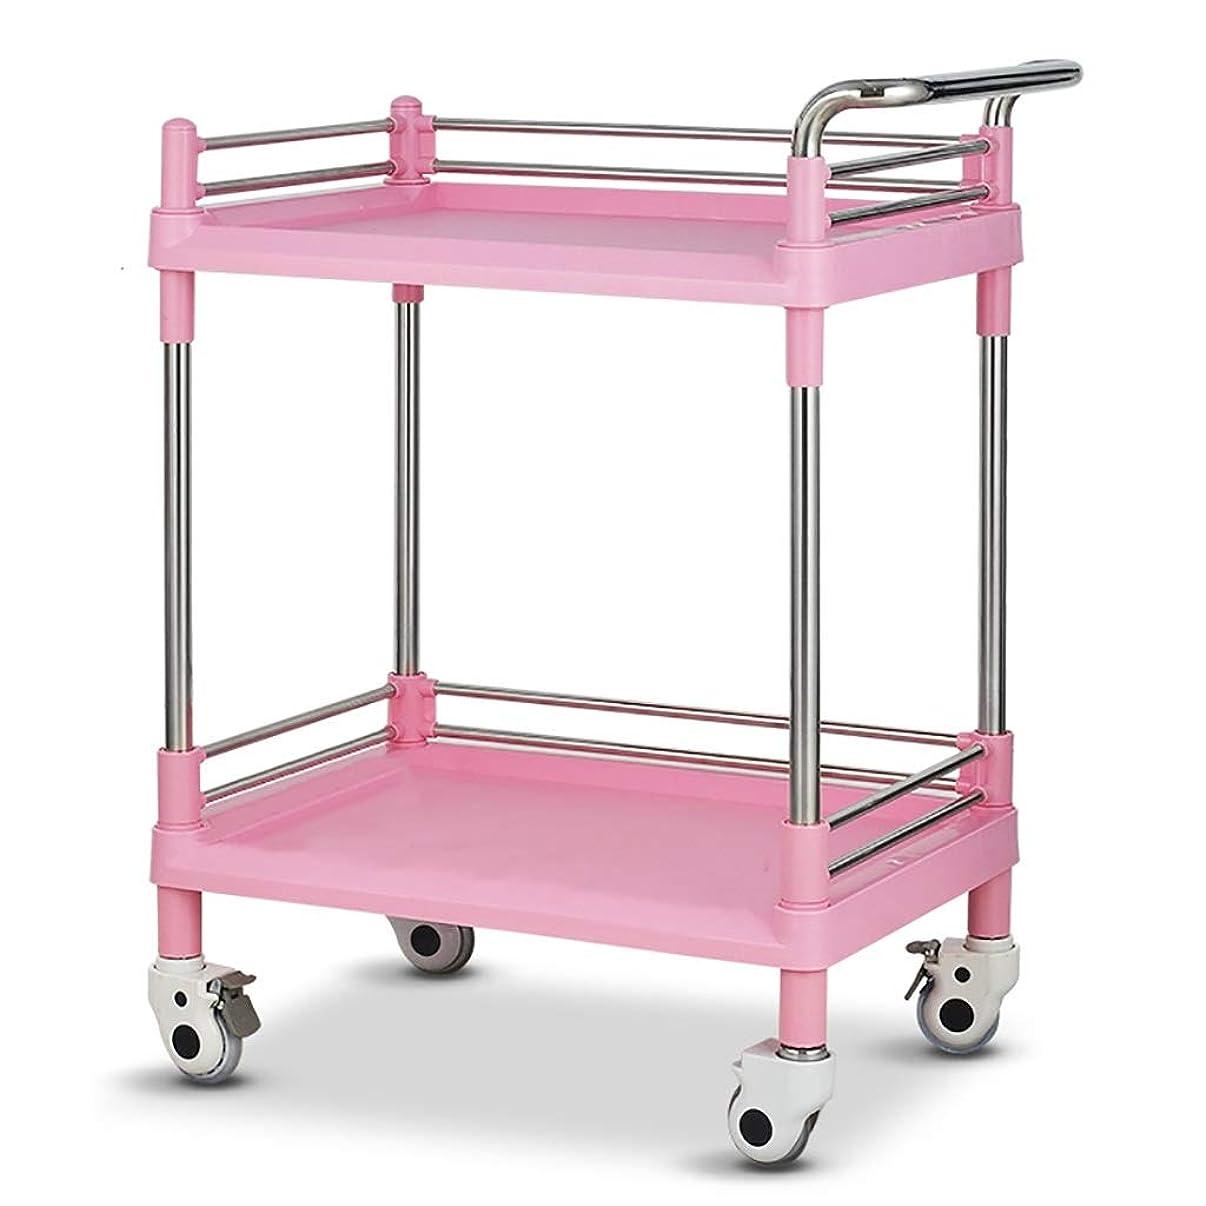 ブームカーテン出くわす美容院の医学の移動式カート、多機能の器械用具の変更の薬車のプラスチックステンレス鋼の棚 (サイズ さいず : 64.5*44.5*90cm)